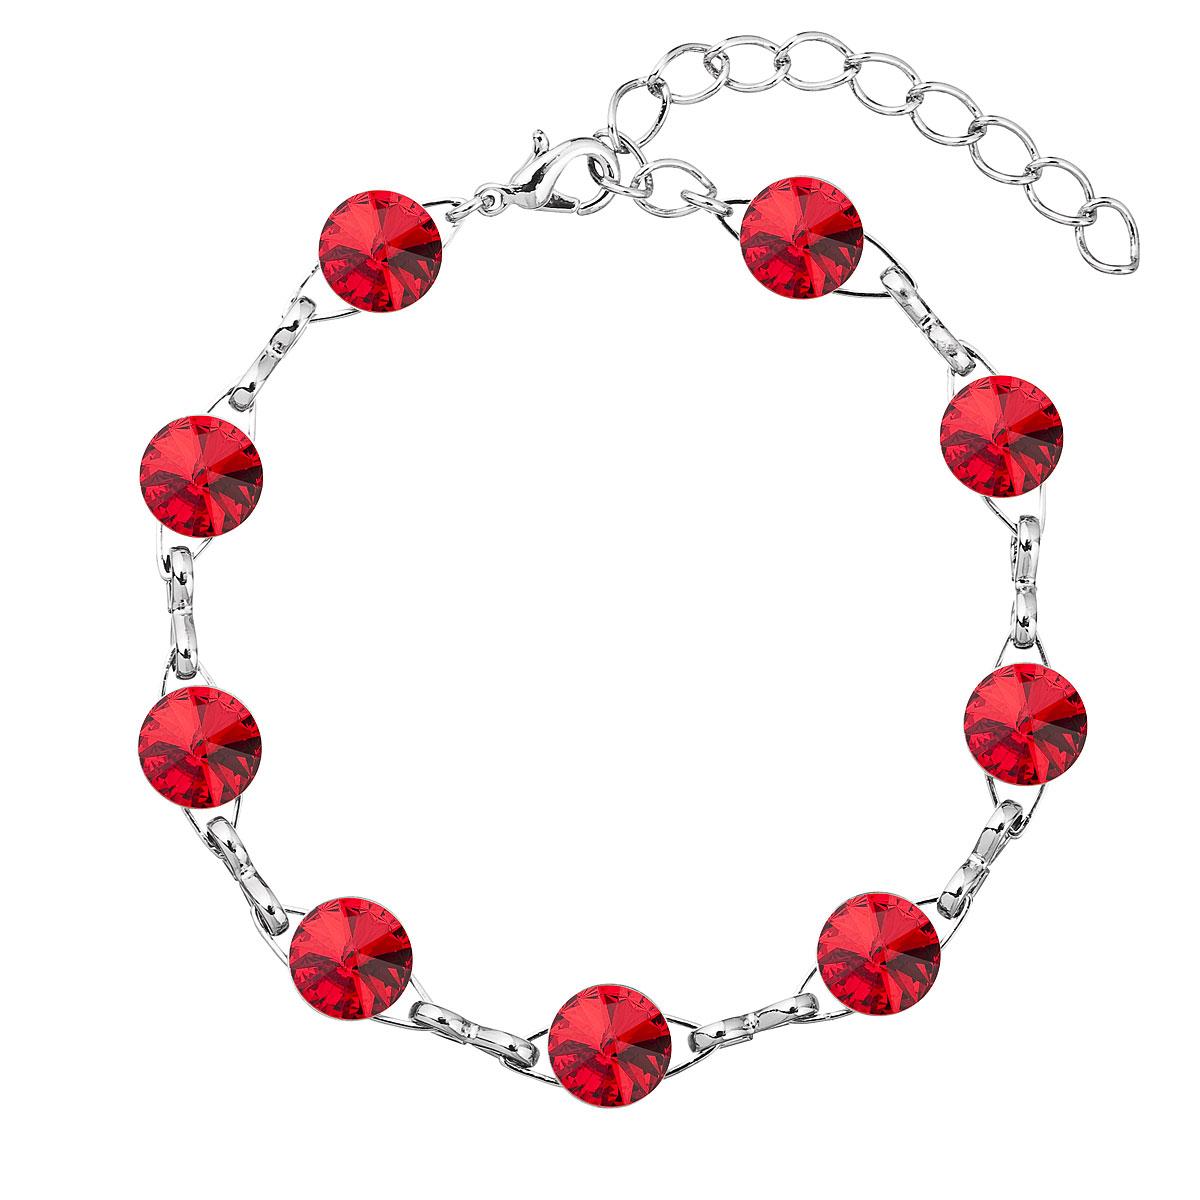 Náramek bižuterie se Swarovski krystaly červený 53001.3